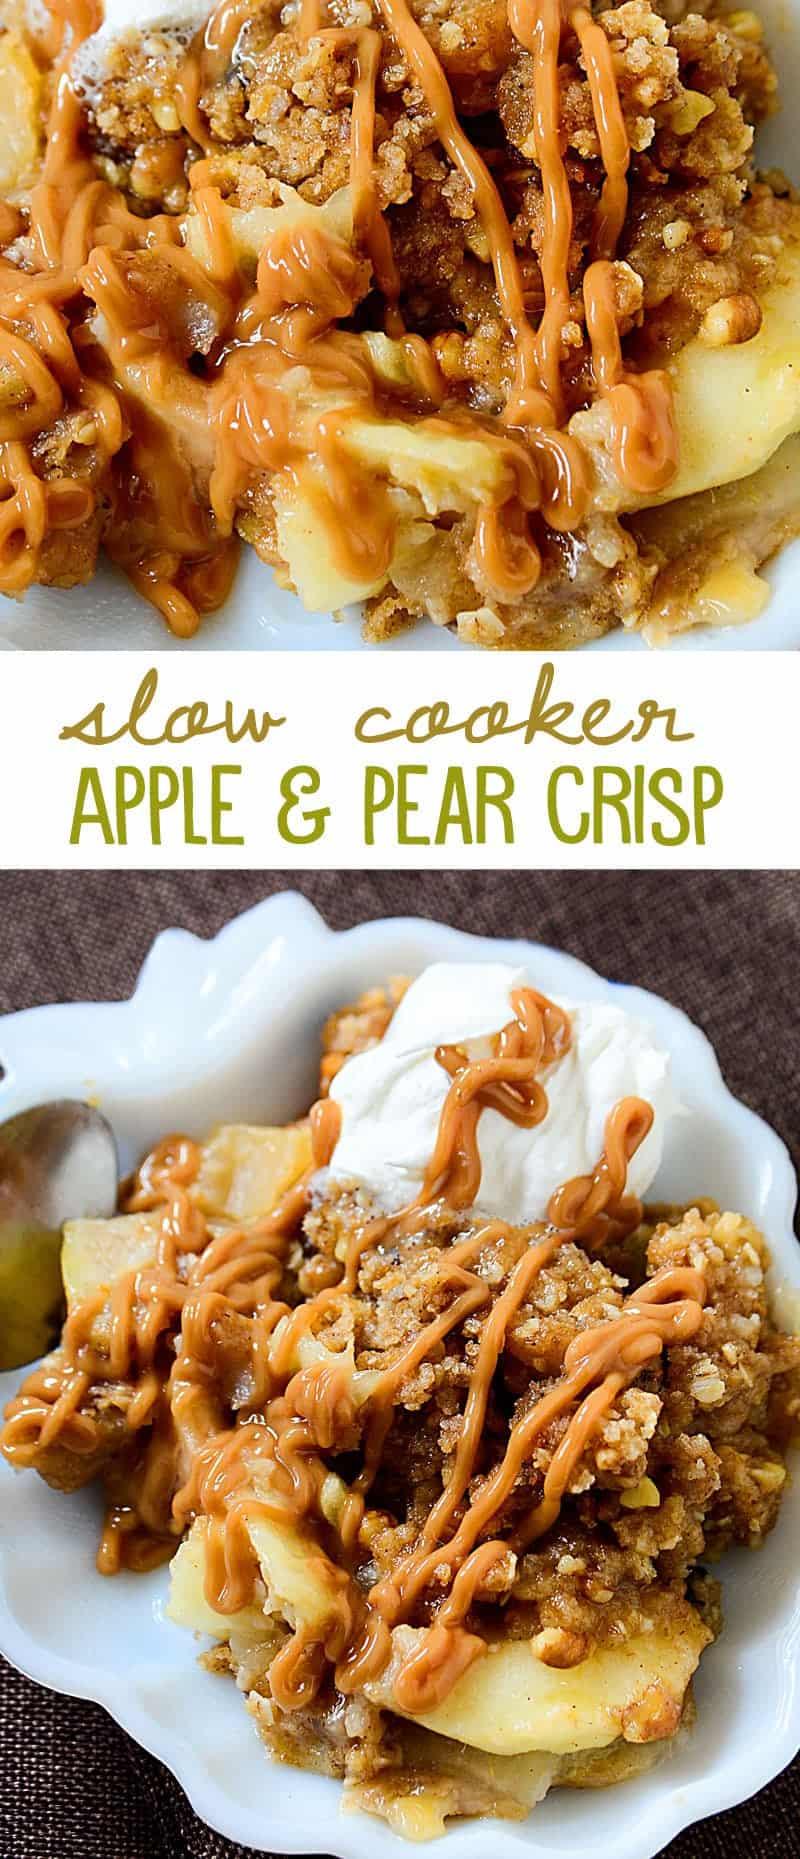 Slow Cooker Apple Pear Crisp